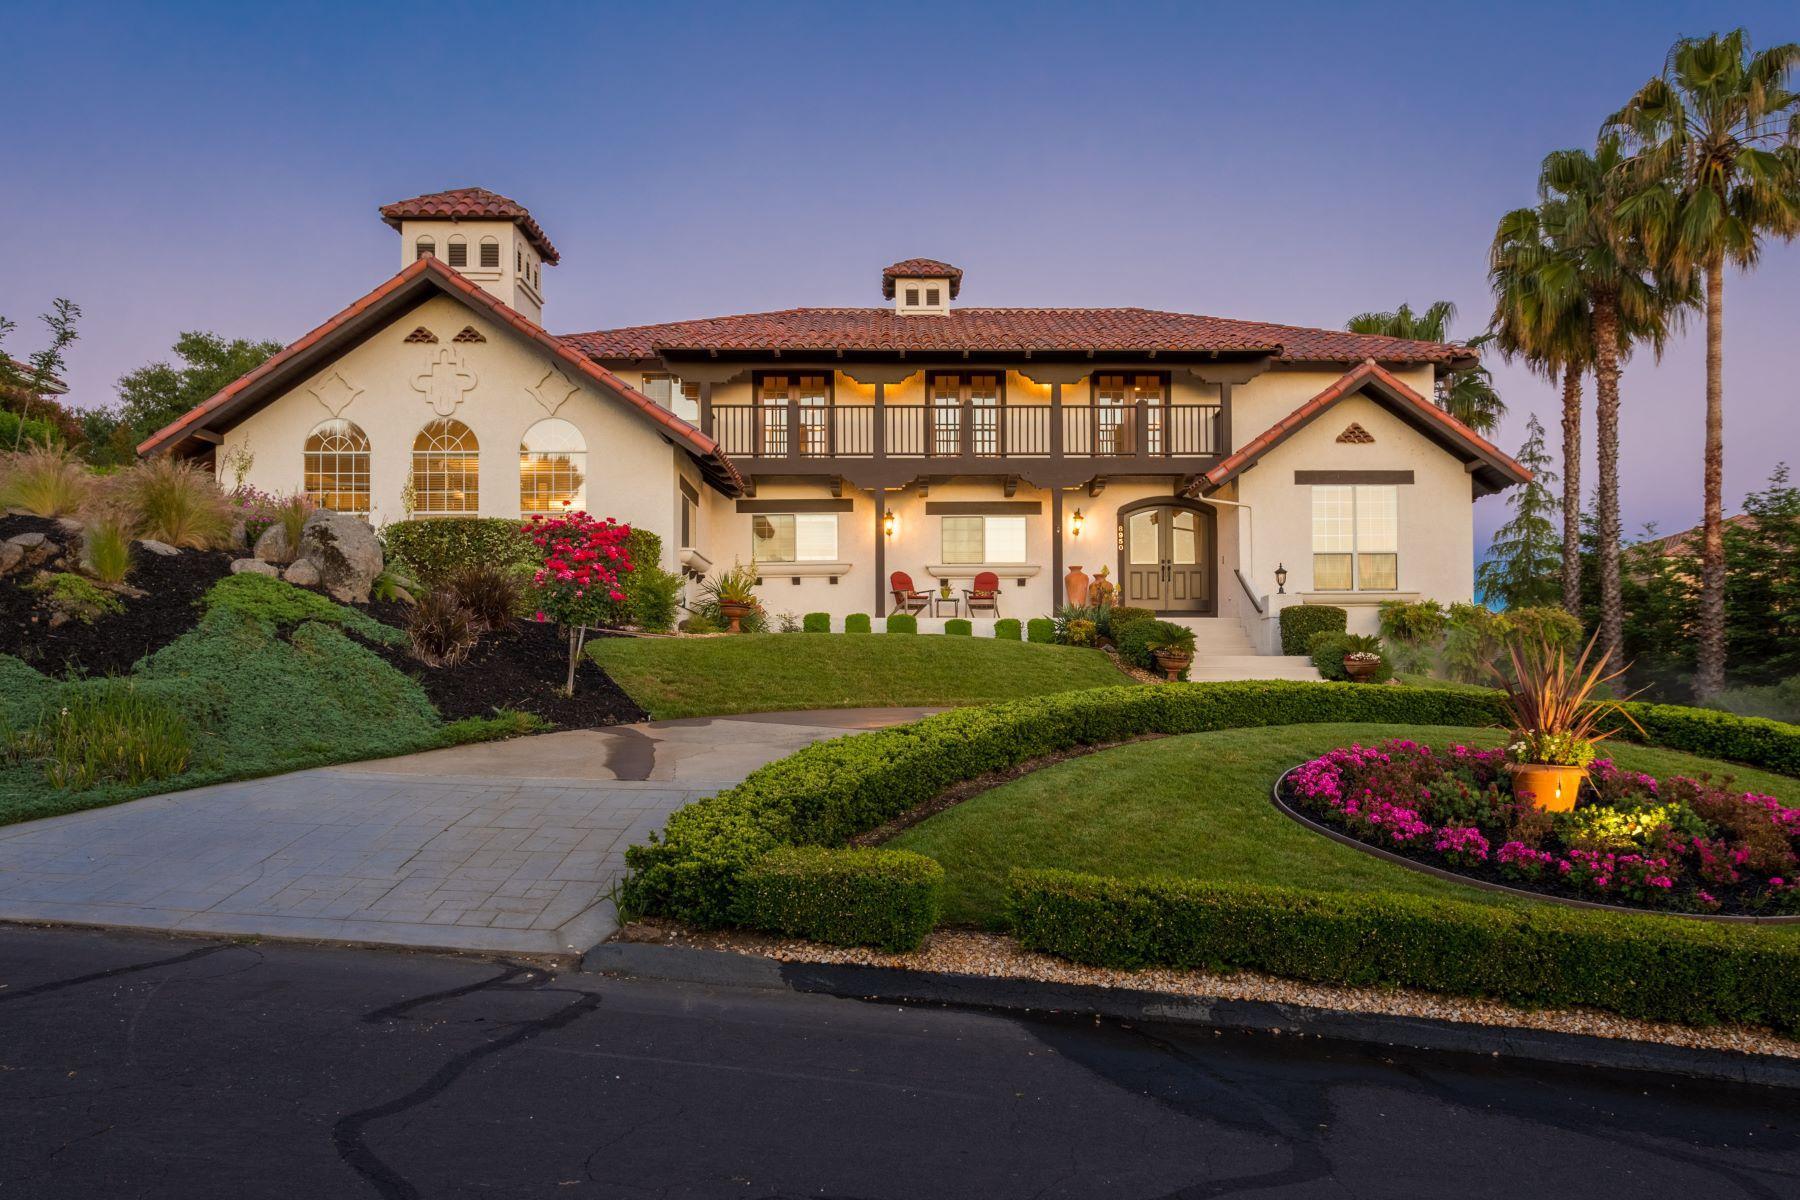 Single Family Home for Active at 8950 Vista De Lago Ct, Granite Bay, CA 95746 Granite Bay, California 95746 United States